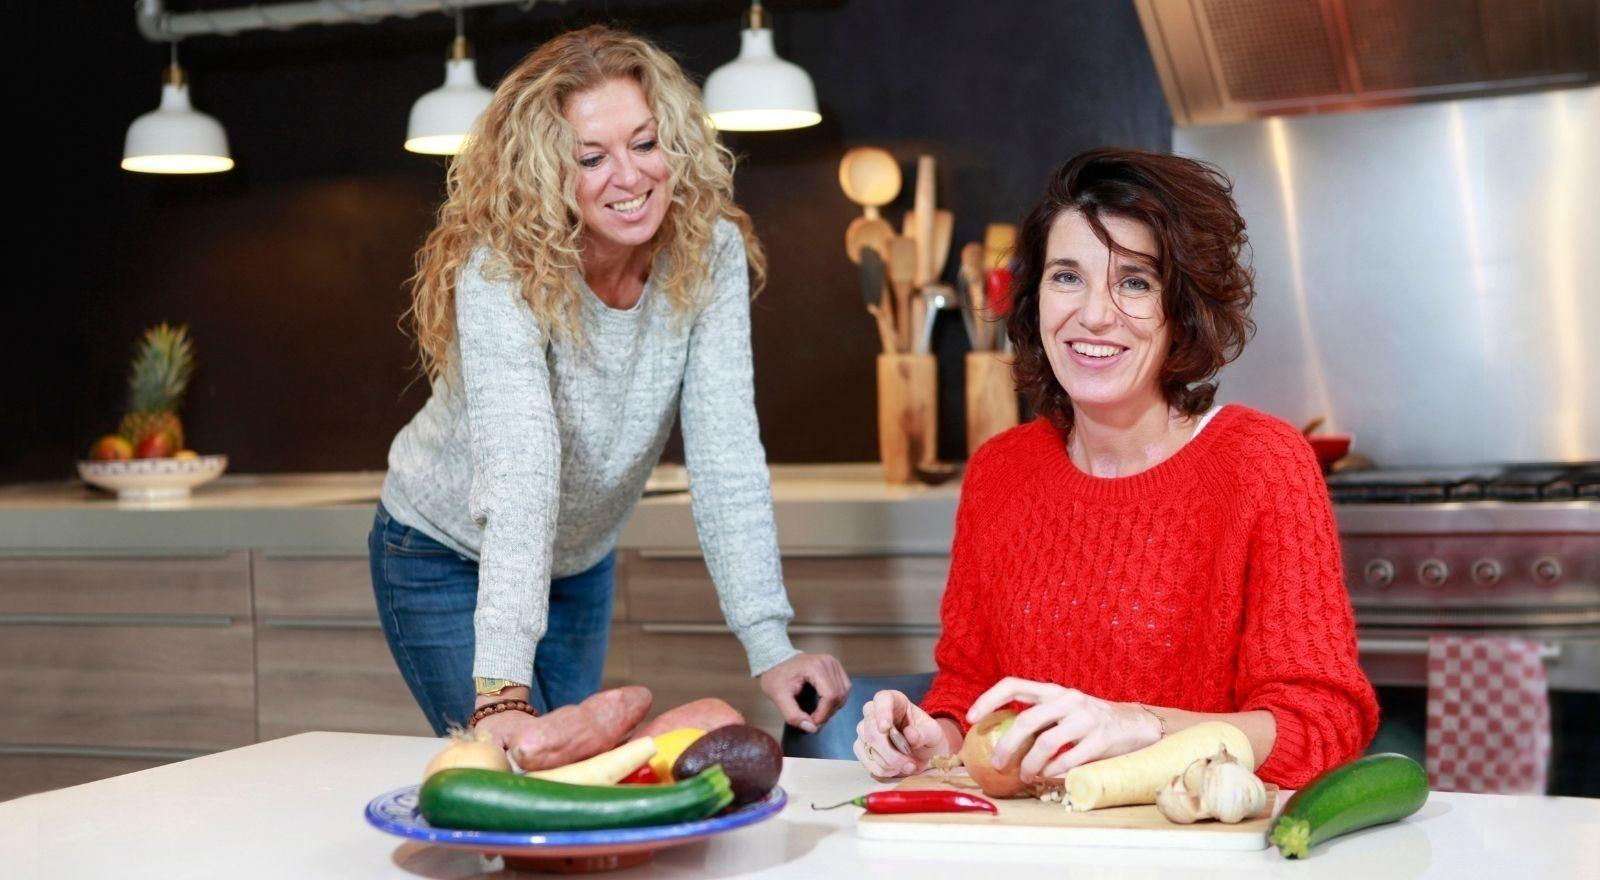 Voedingsdeskundige begeleidt cliënt naar gezond eetpatroon bij de cursus Emotie-eten